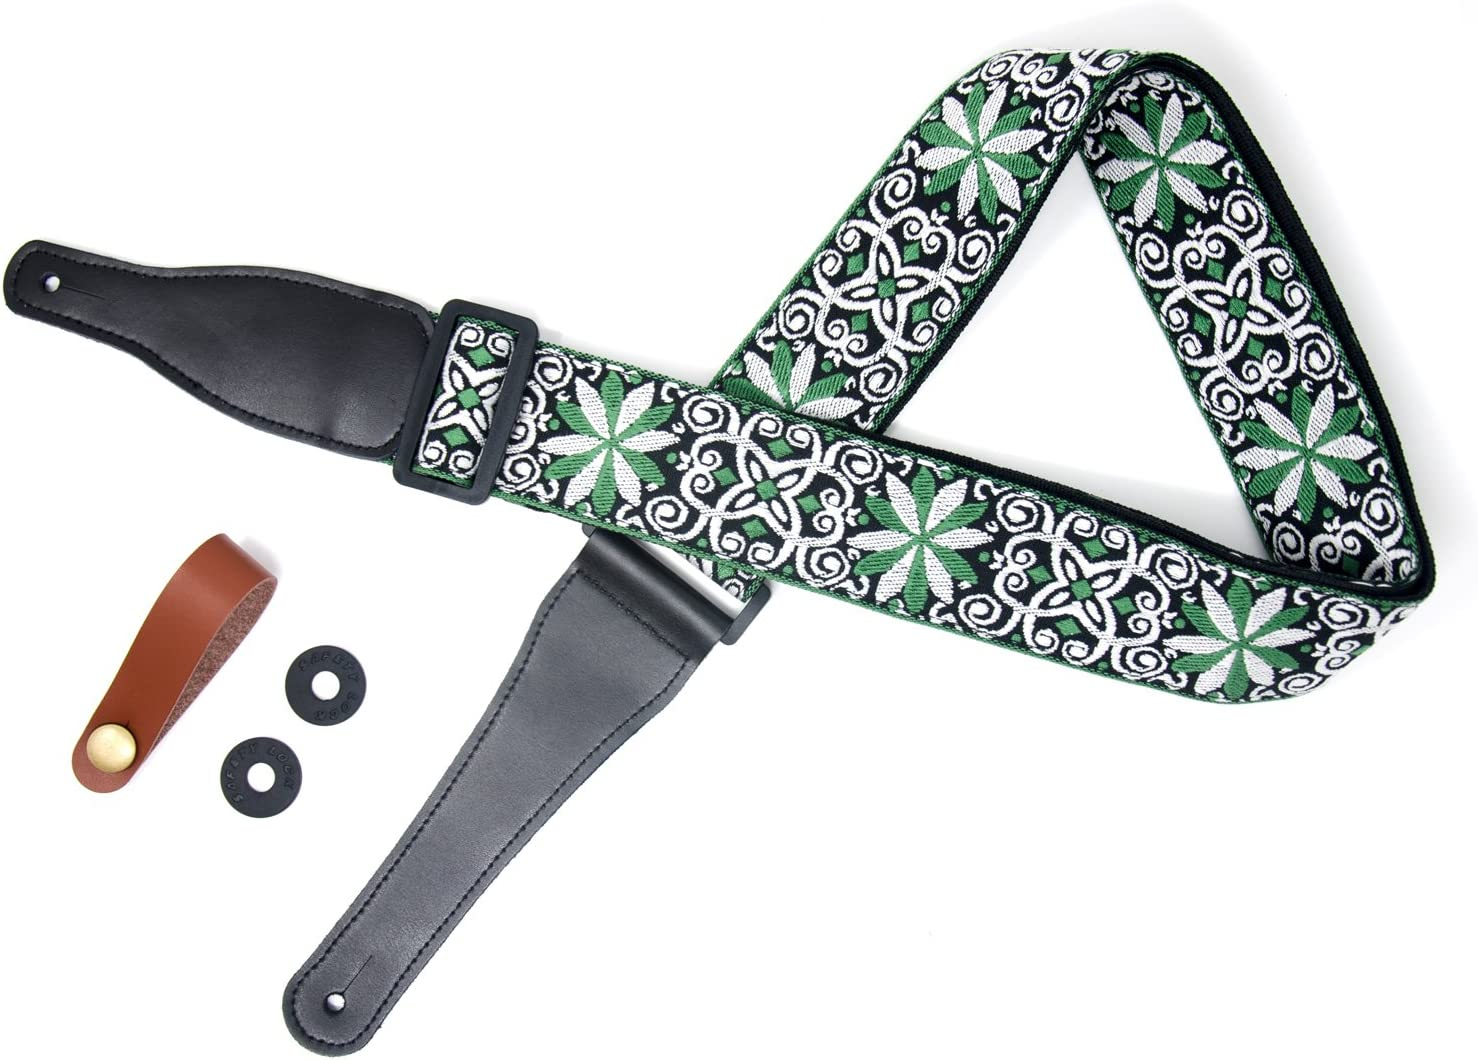 COOME Correa para guitarra Suave de algodón de flores jacquard armadura trenzado correa de guitarra ajustable con acabados de cuero para las guitarras acústicas bajo eléctrico (Verde)